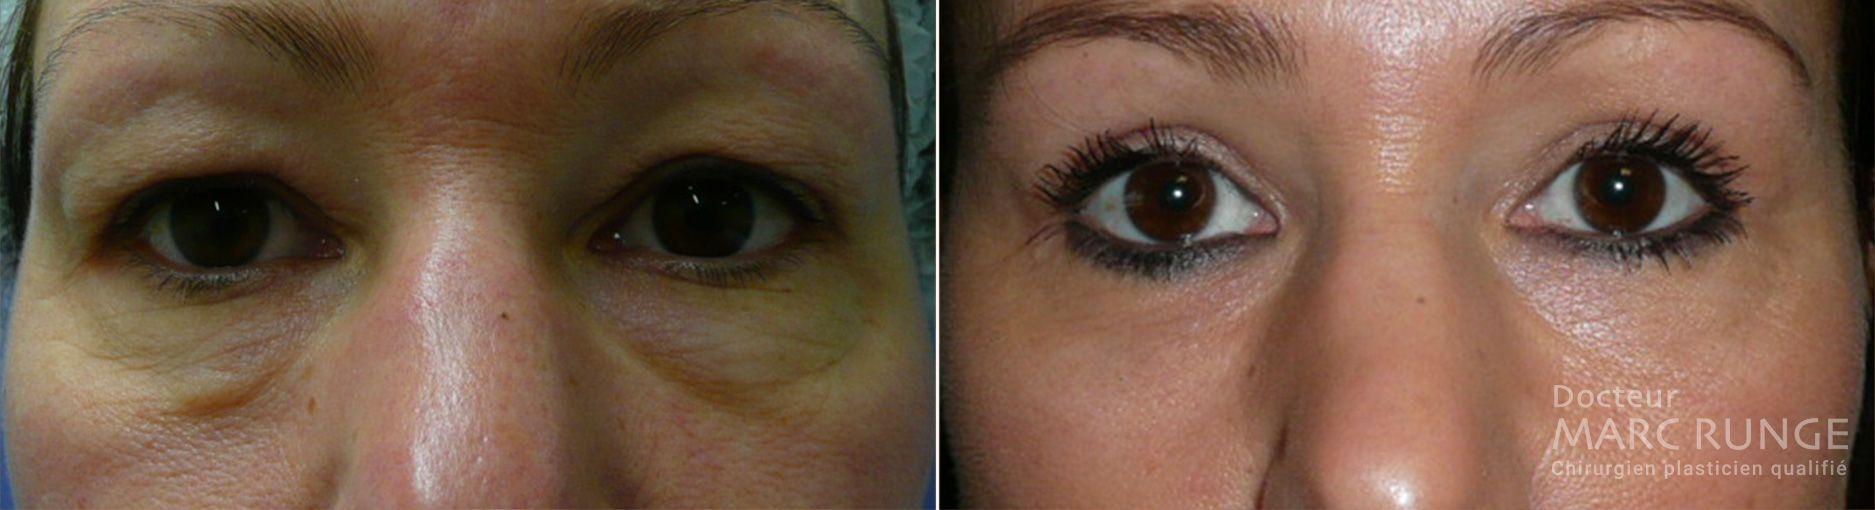 Photo d'avant et d'après l'opération des paupières (blépharoplastie), réalisée par Dr Runge, médecin et chirurgien esthétique à Paris et Beauvais (Oise)